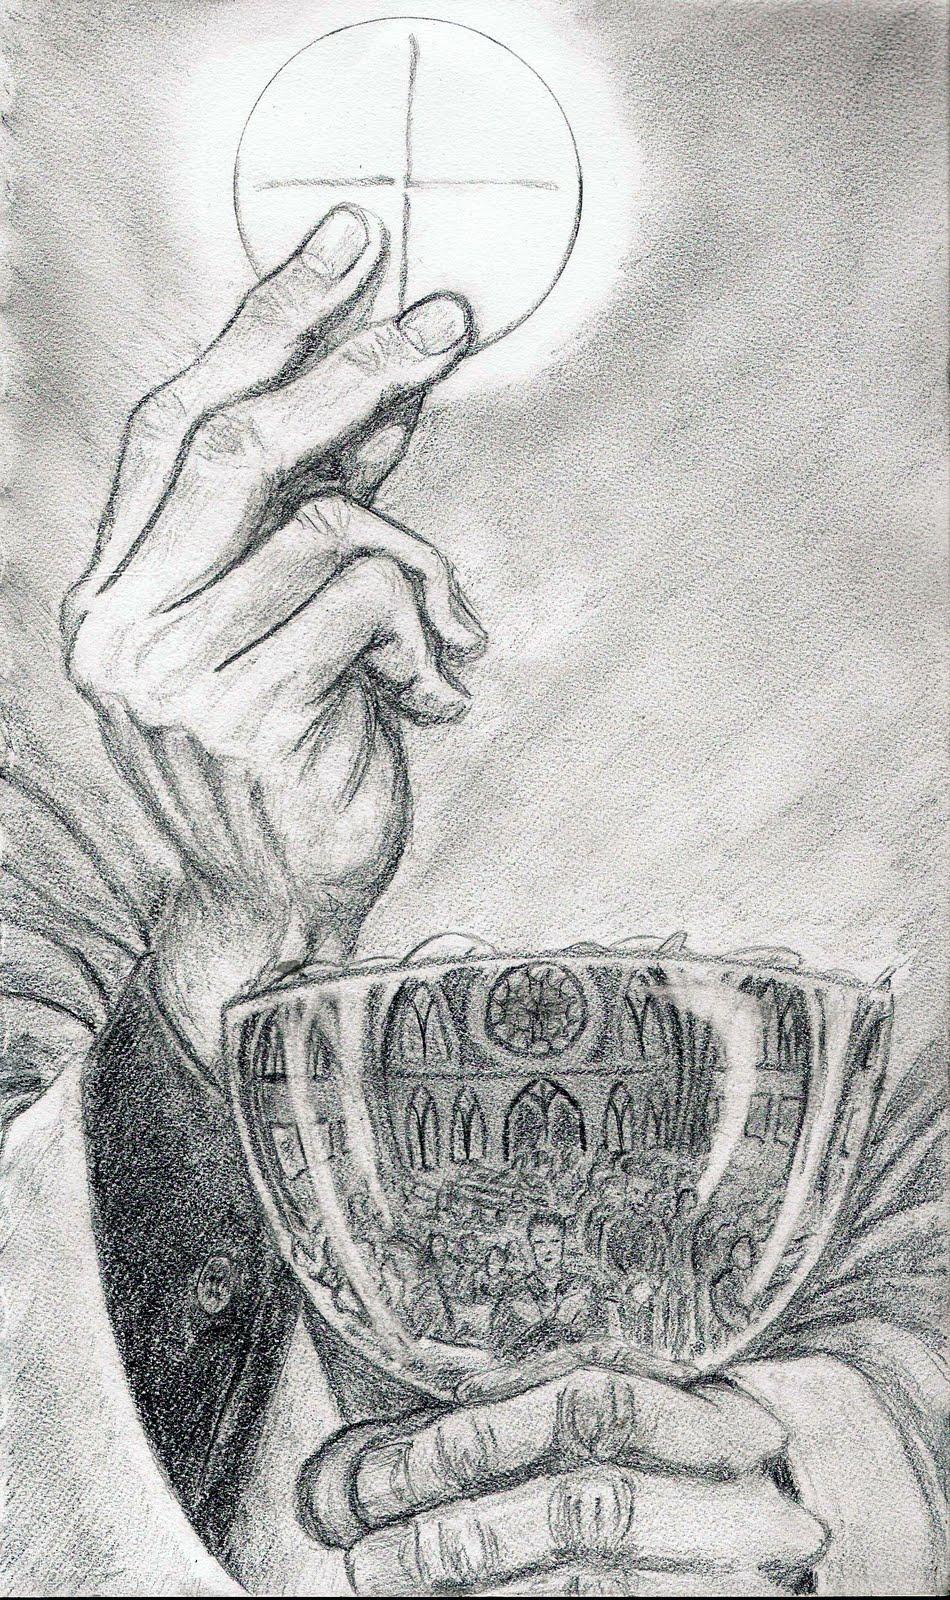 Body of christ sketch